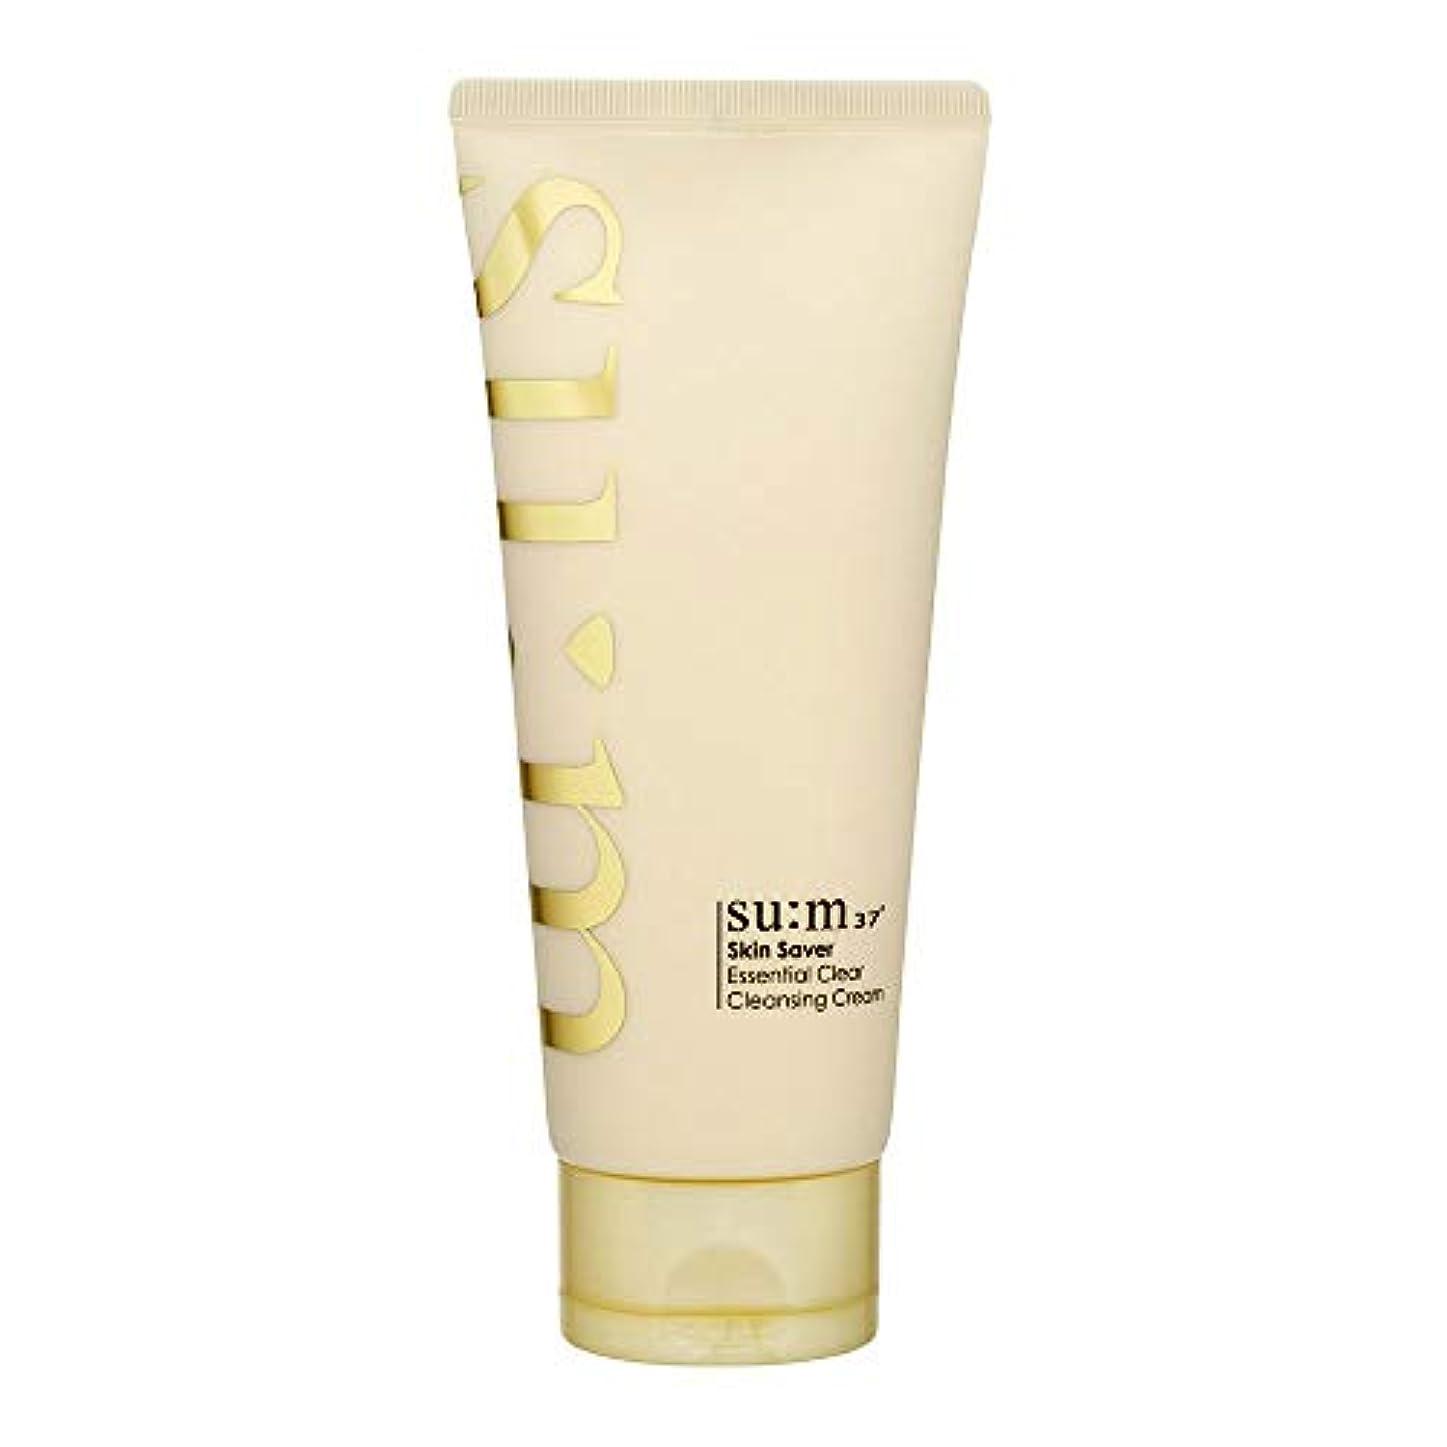 無しポーチ出血[スム37°] Sum37° スキンセイバー エッセンシャルクリアクレンジングクリーム  Skin saver Essential Clear Cleansing Cream (海外直送品) [並行輸入品]